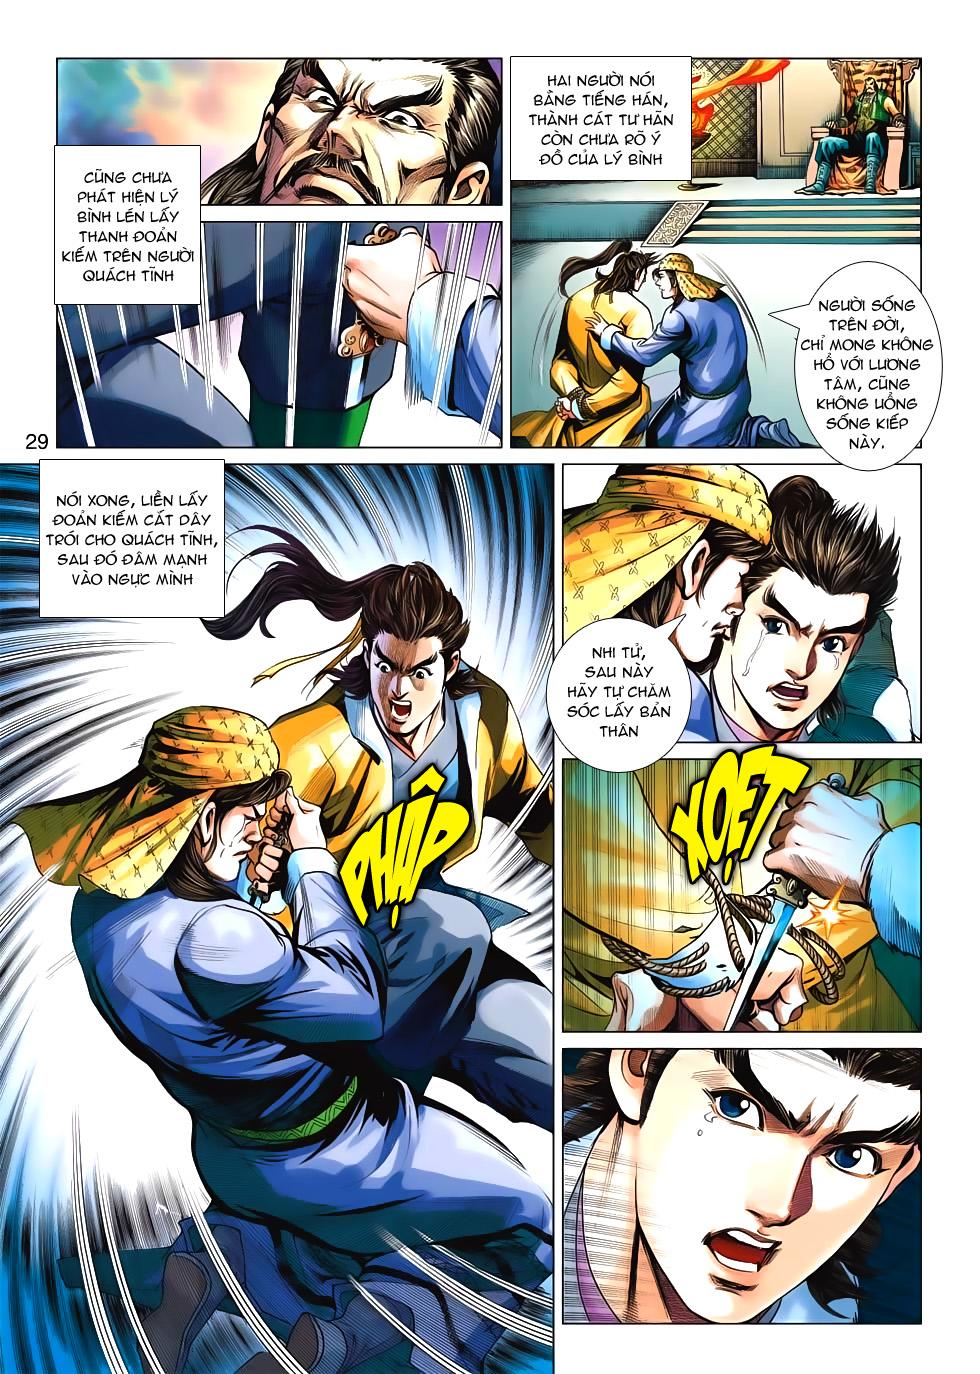 Anh Hùng Xạ Điêu (Xạ Điêu Anh Hùng Truyện) Chap 108